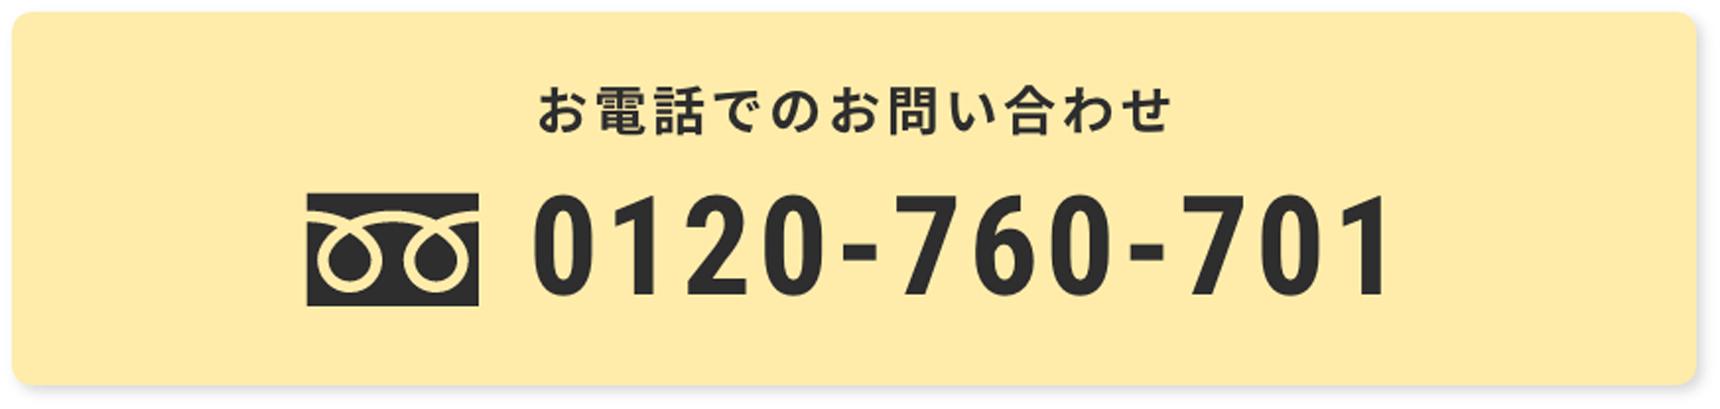 お電話でのお問い合わせ 0120-760-701